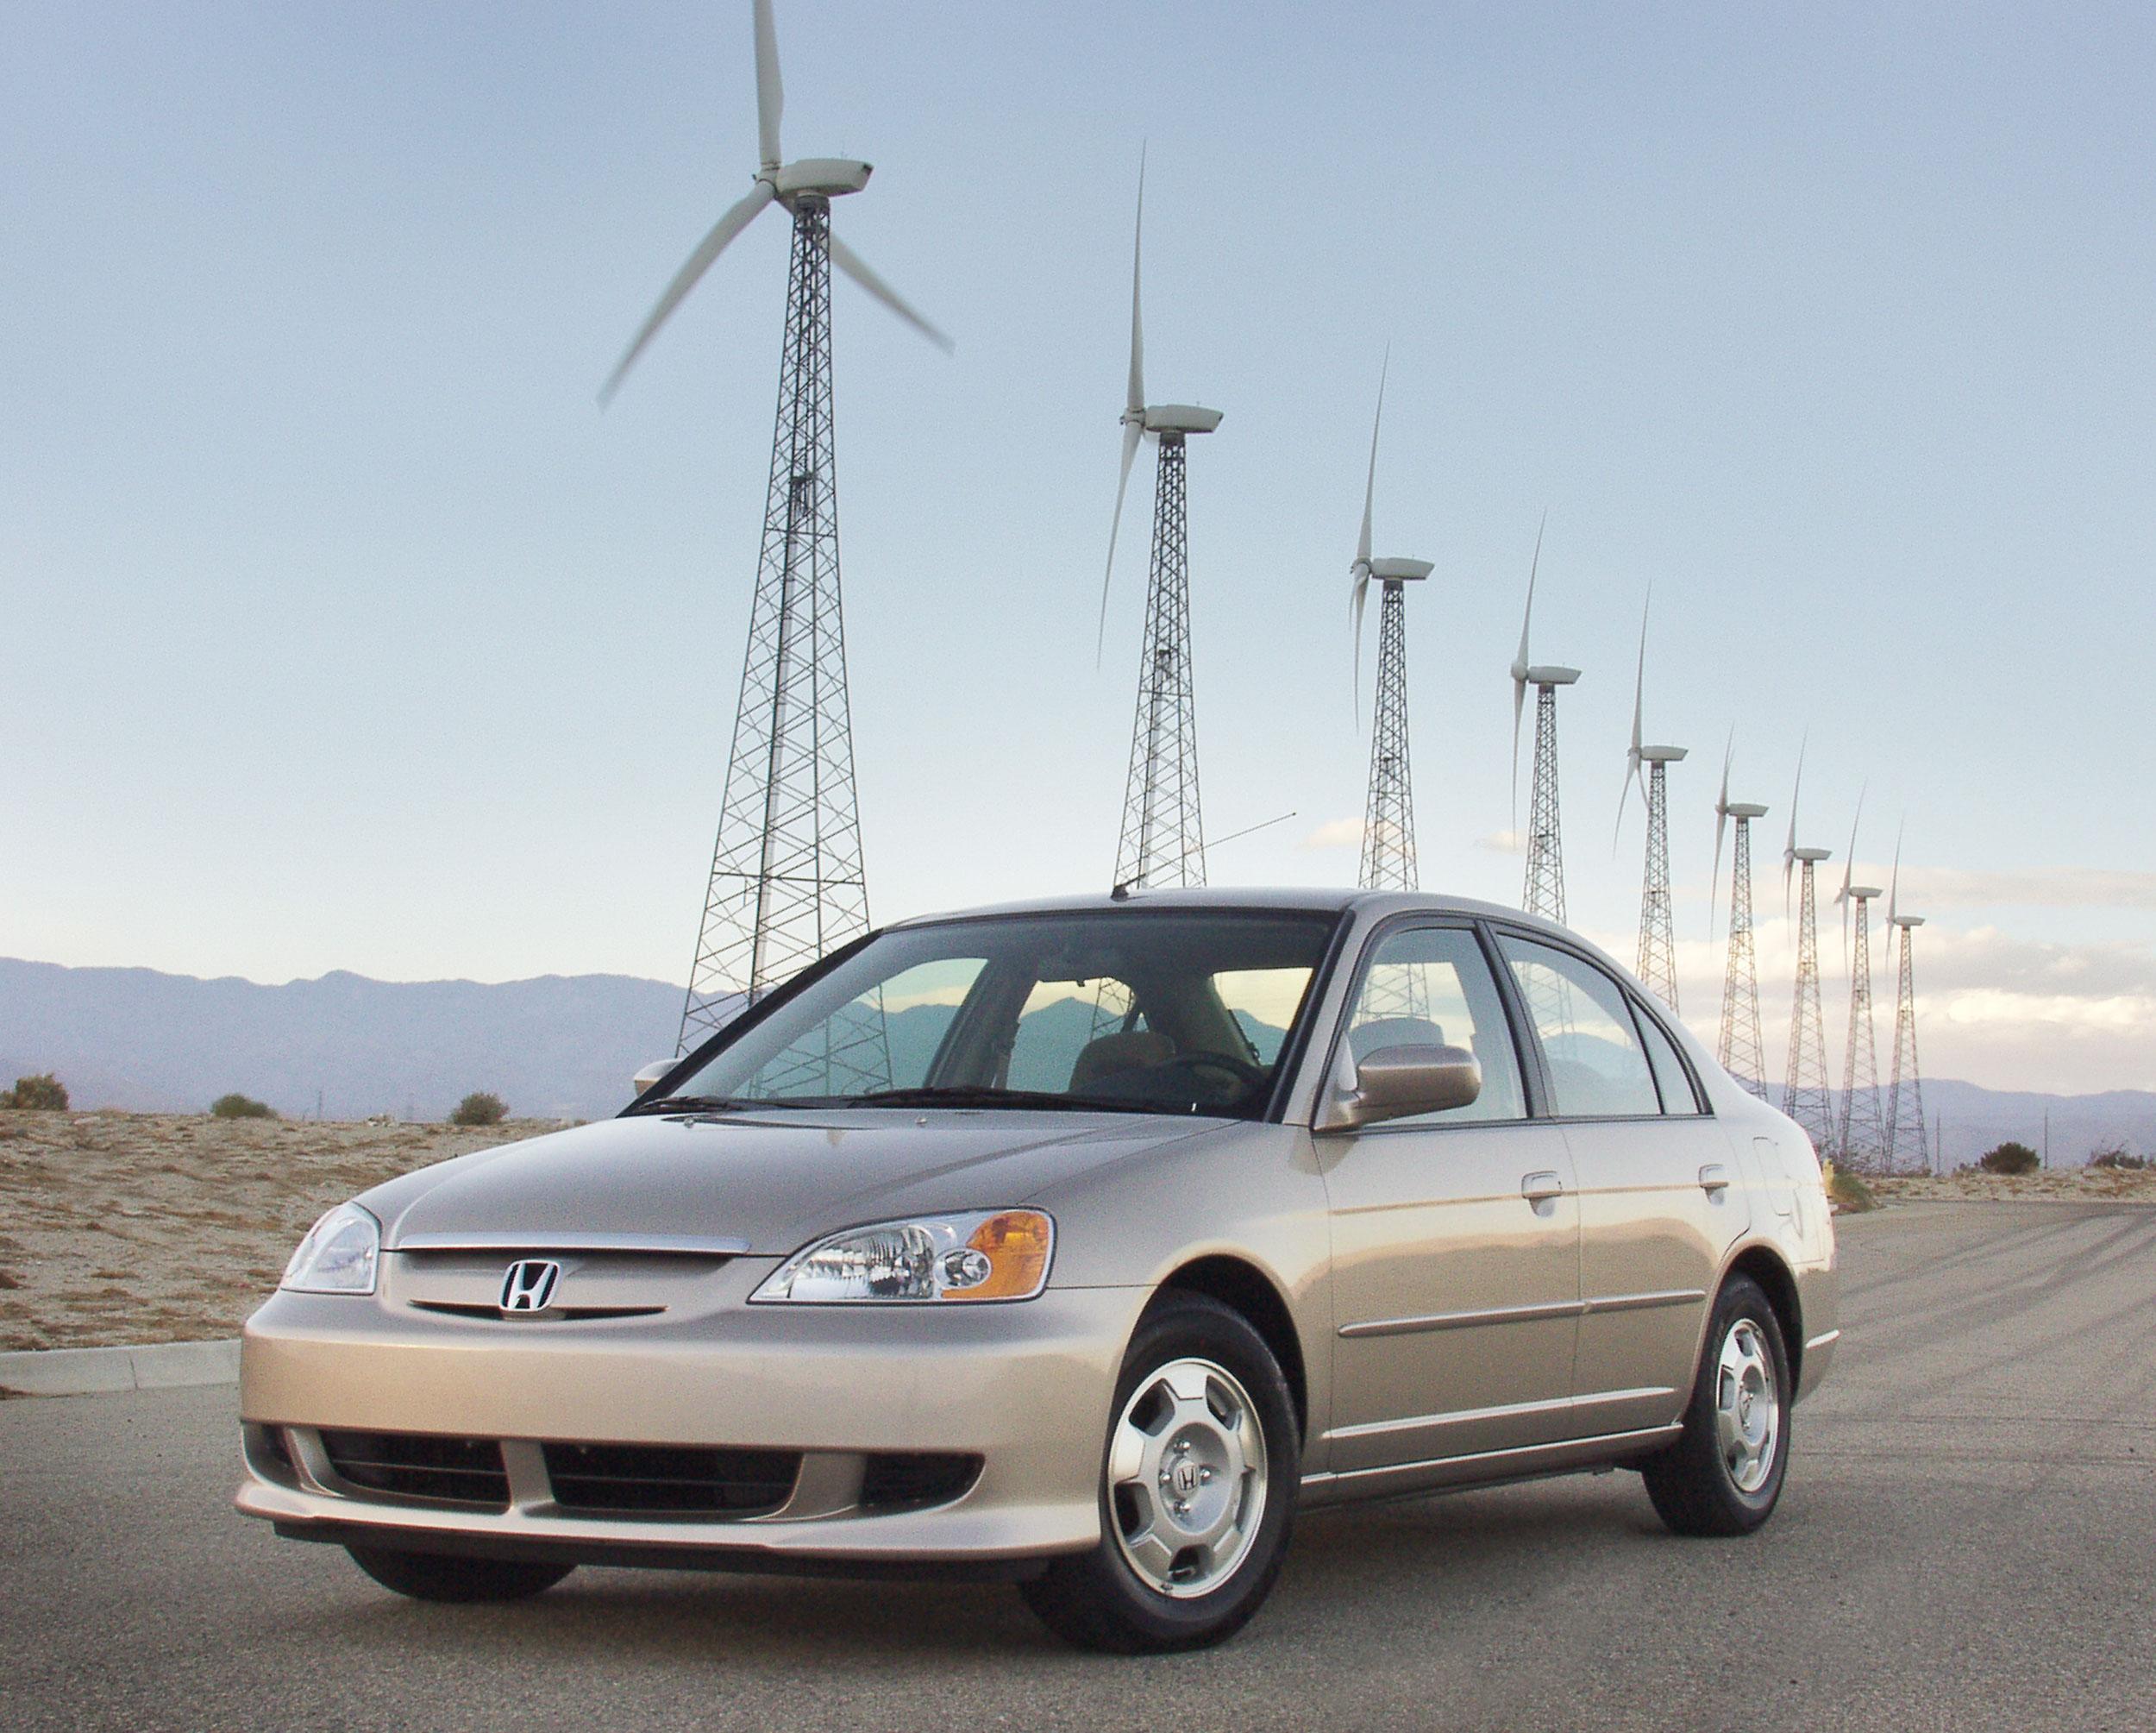 2003 Honda Civic Hybrid Thumbnail Photo 73174